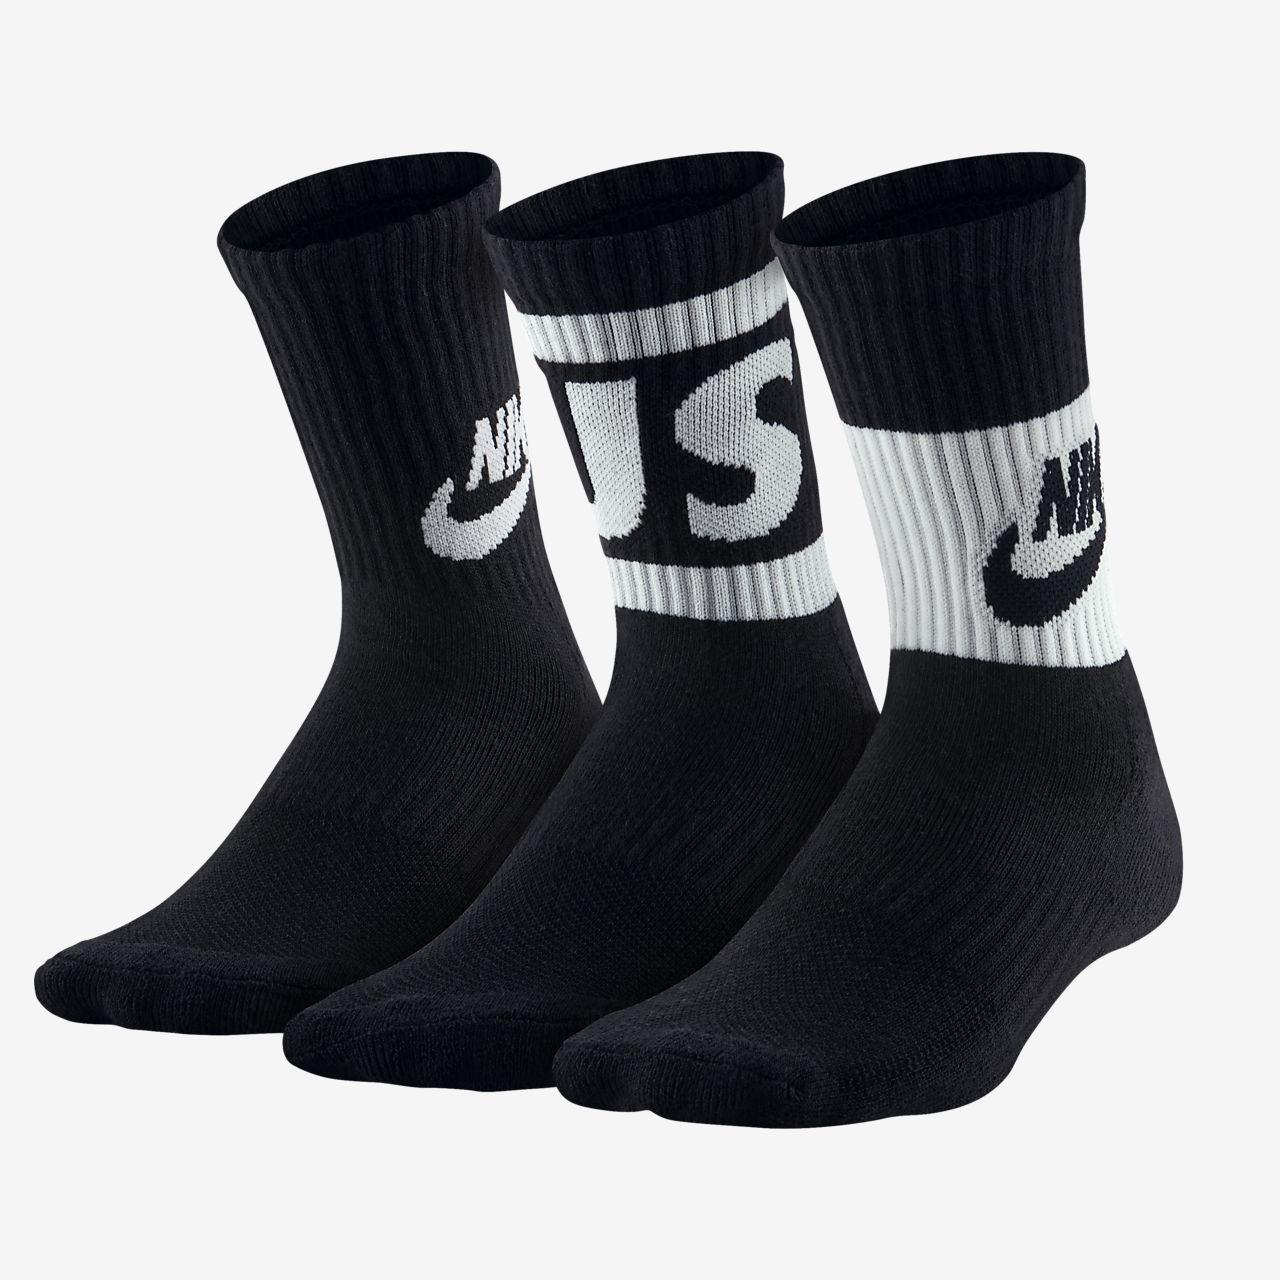 Chaussettes mi-mollet JDI Nike Dri-FIT pour Jeune enfant (3 paires)